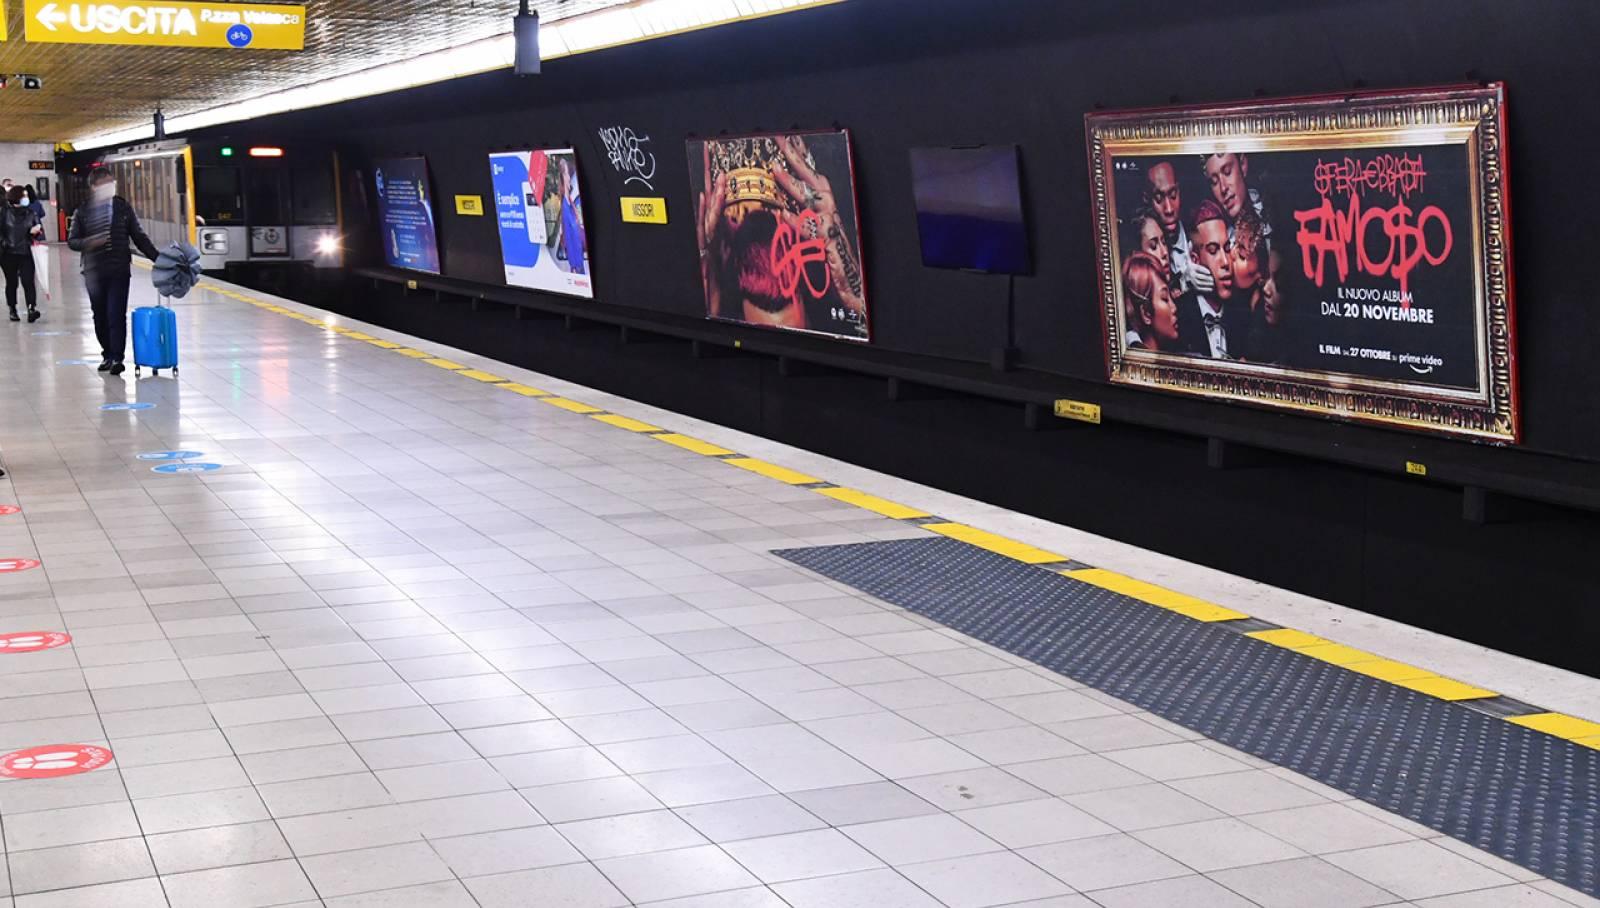 Pubblicità OOH in metropolitana a Milano Circuito Maxi IGPDecaux per Sfera Ebbasta